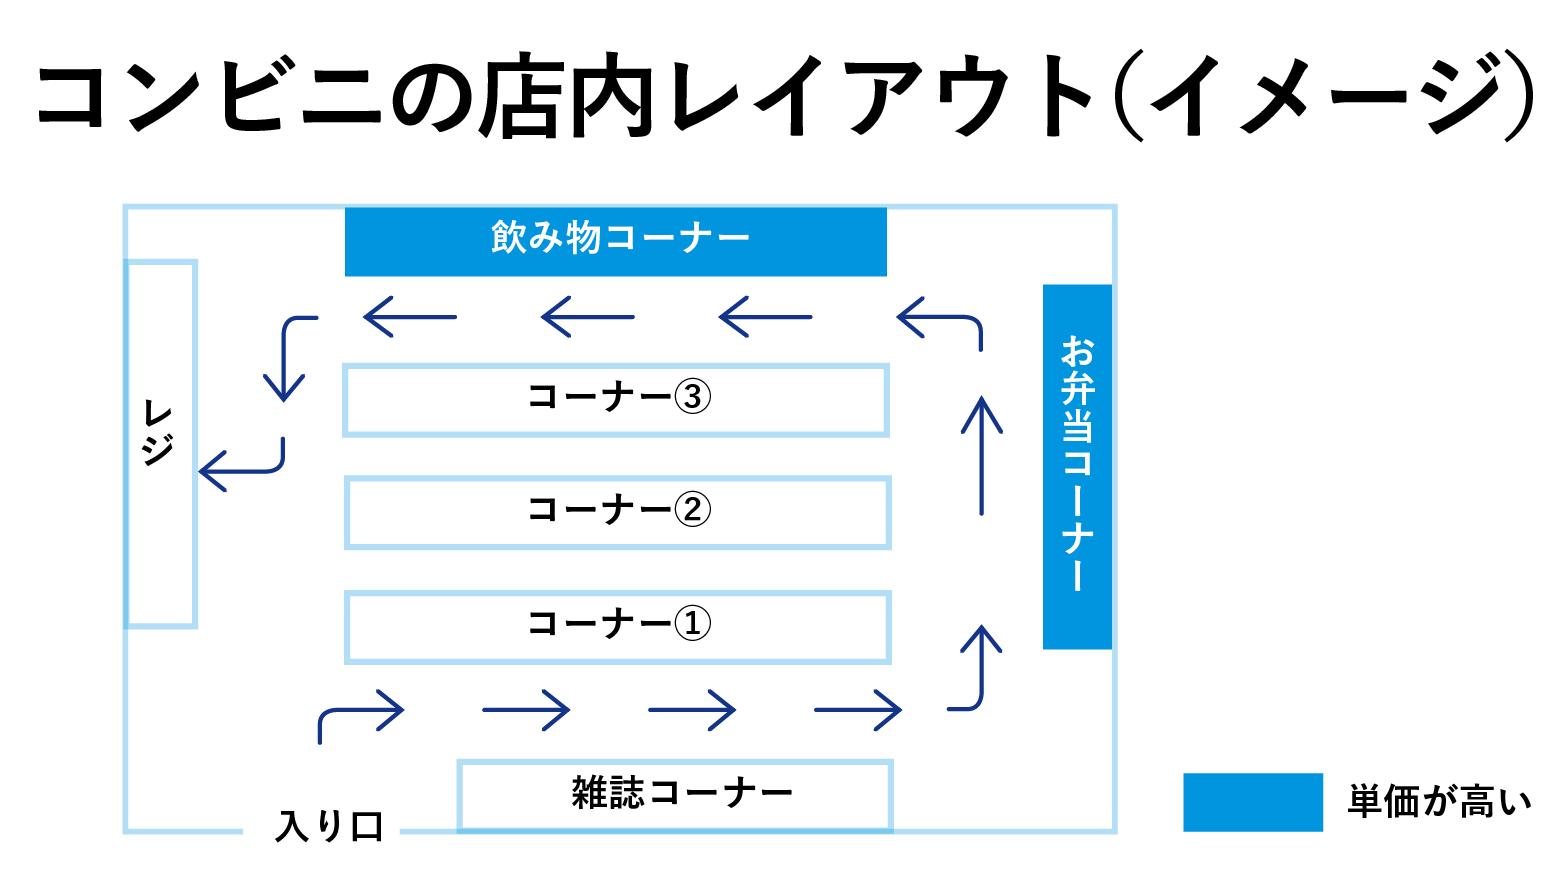 KPIの探し方・捉え方をコンビニの導線で把握する